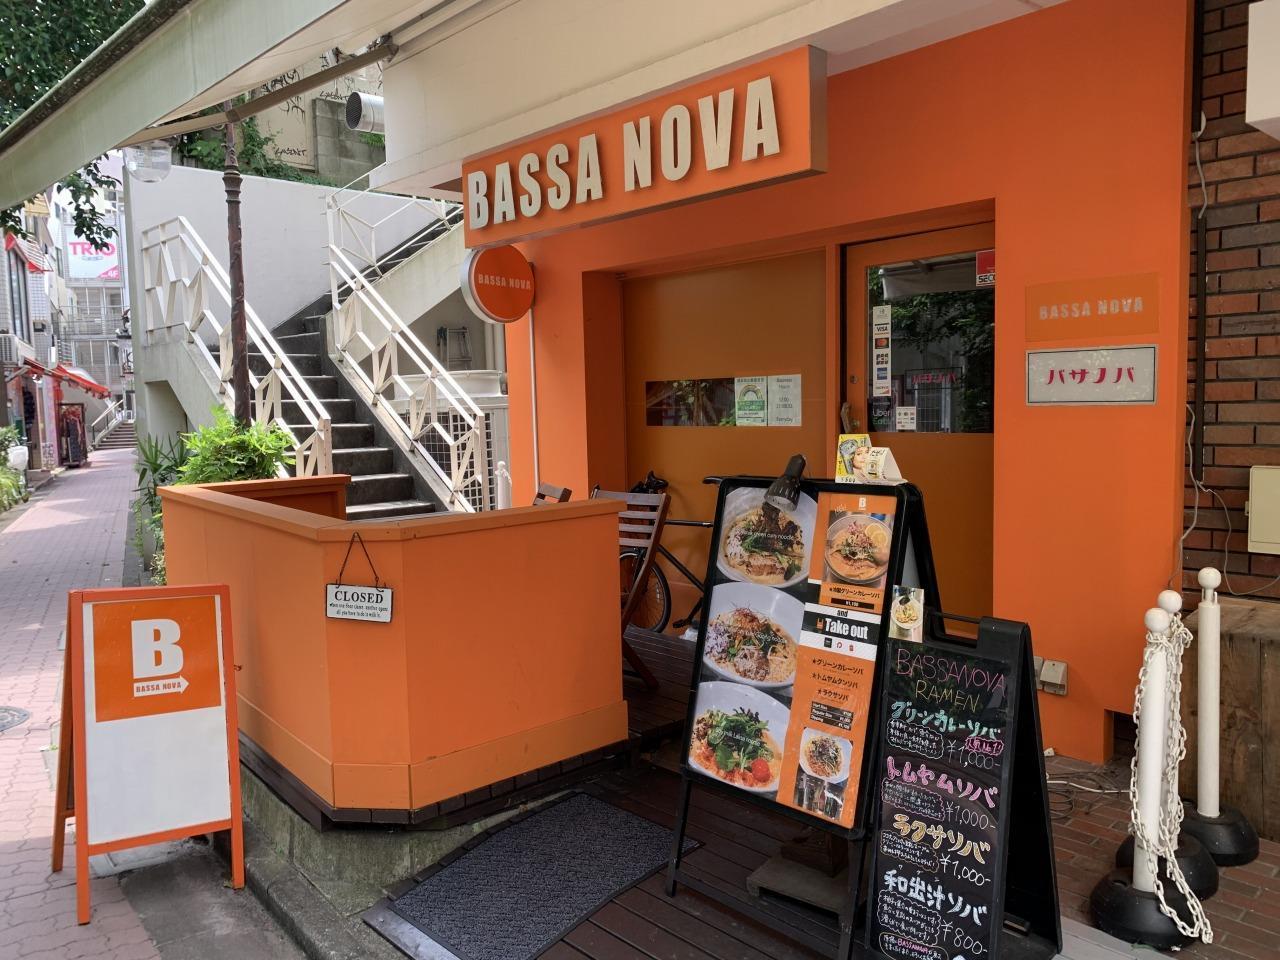 【閉店】バサノバ 原宿店 (BASSANOVA)